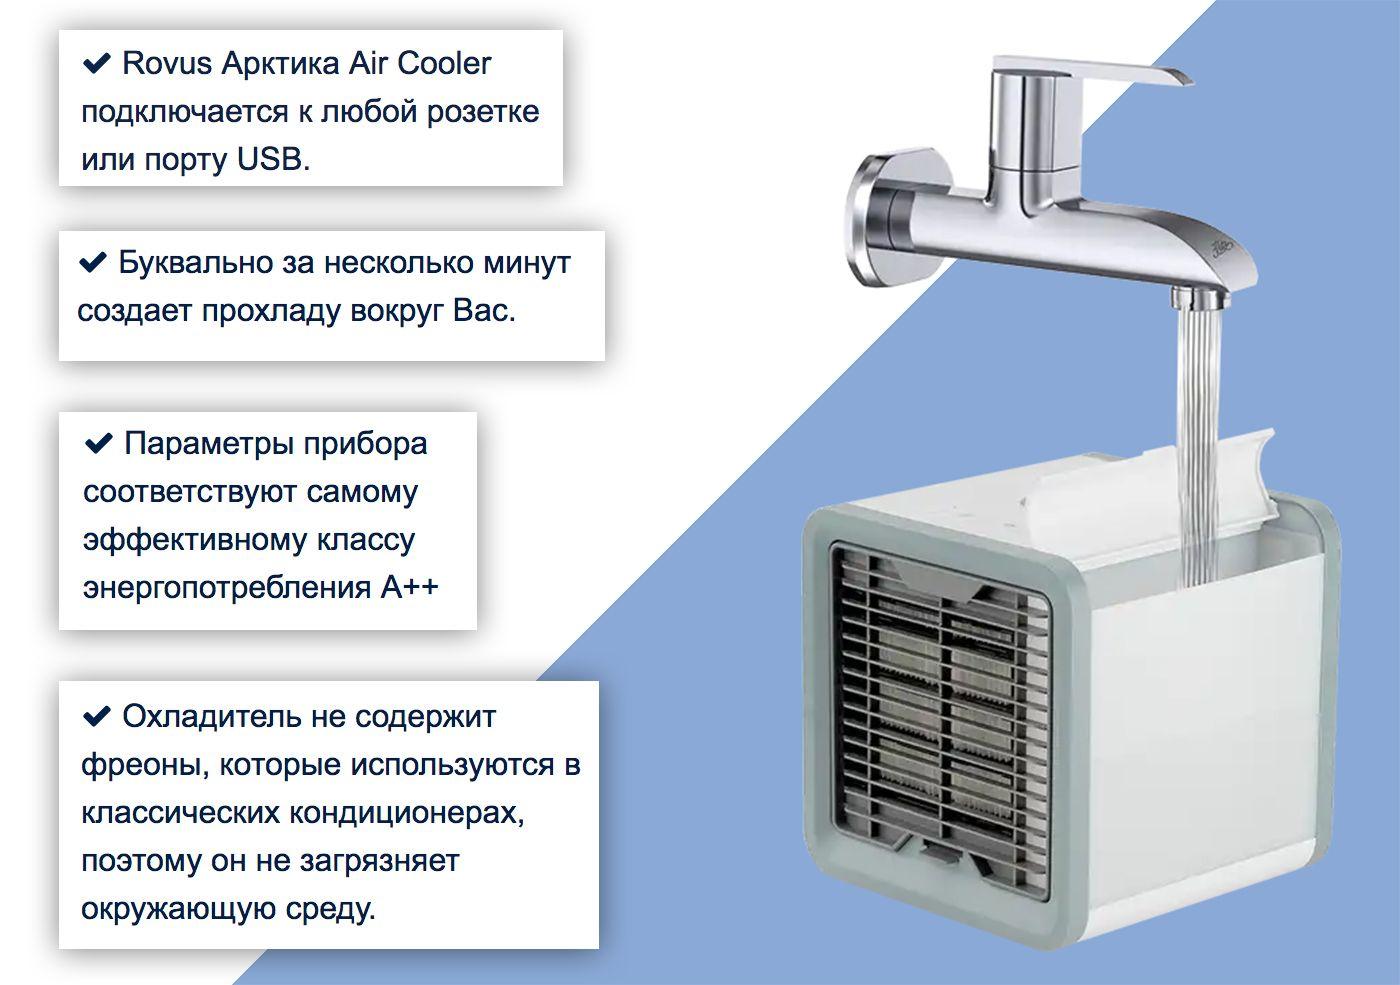 ARCTIC AIR (ROVUS) - Мини кондиционер свойства